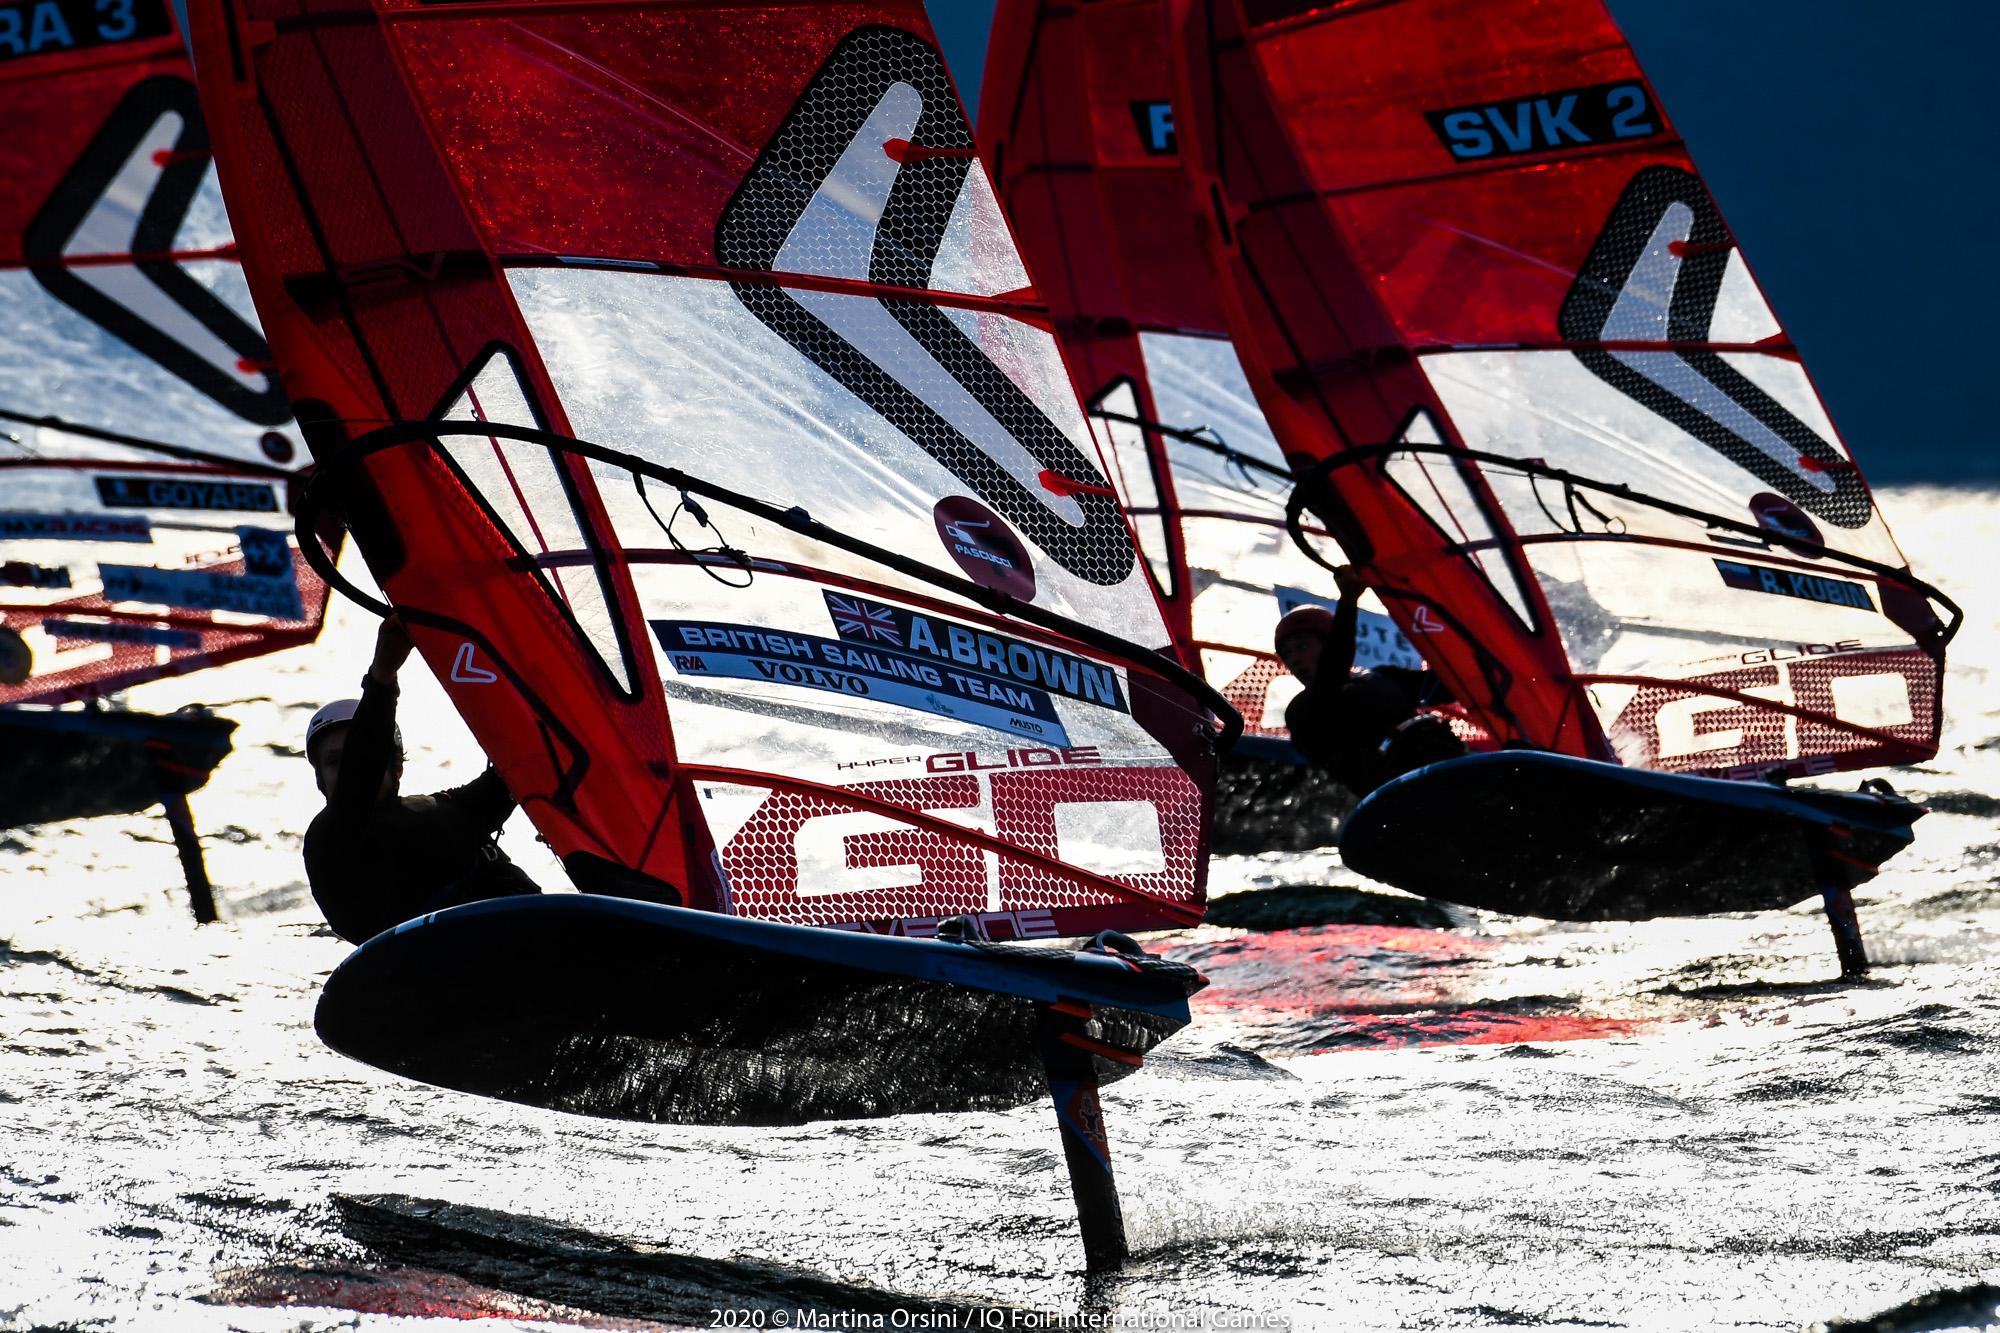 Iqfoil International Games Iqfoils 2020 Helene Noesmoen Et Nicolas Goyard Medailles D Argentadonnante Com Surfez Sur L Actualite Voile Sportive Course Au Large America S Cup Voile Legere Surfez